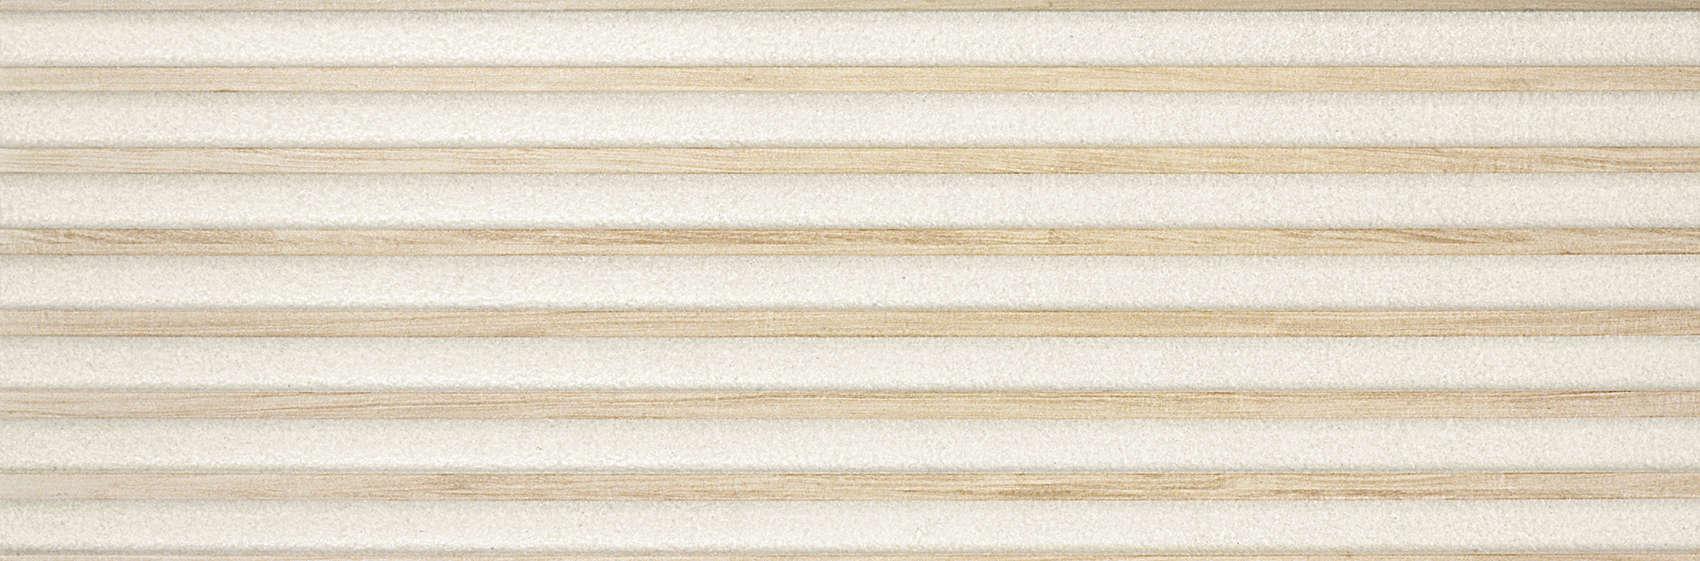 Faianță pentru baie Benadresa Polis Olimpo Bone Decor 333x1000 texturată și mată bej / 4